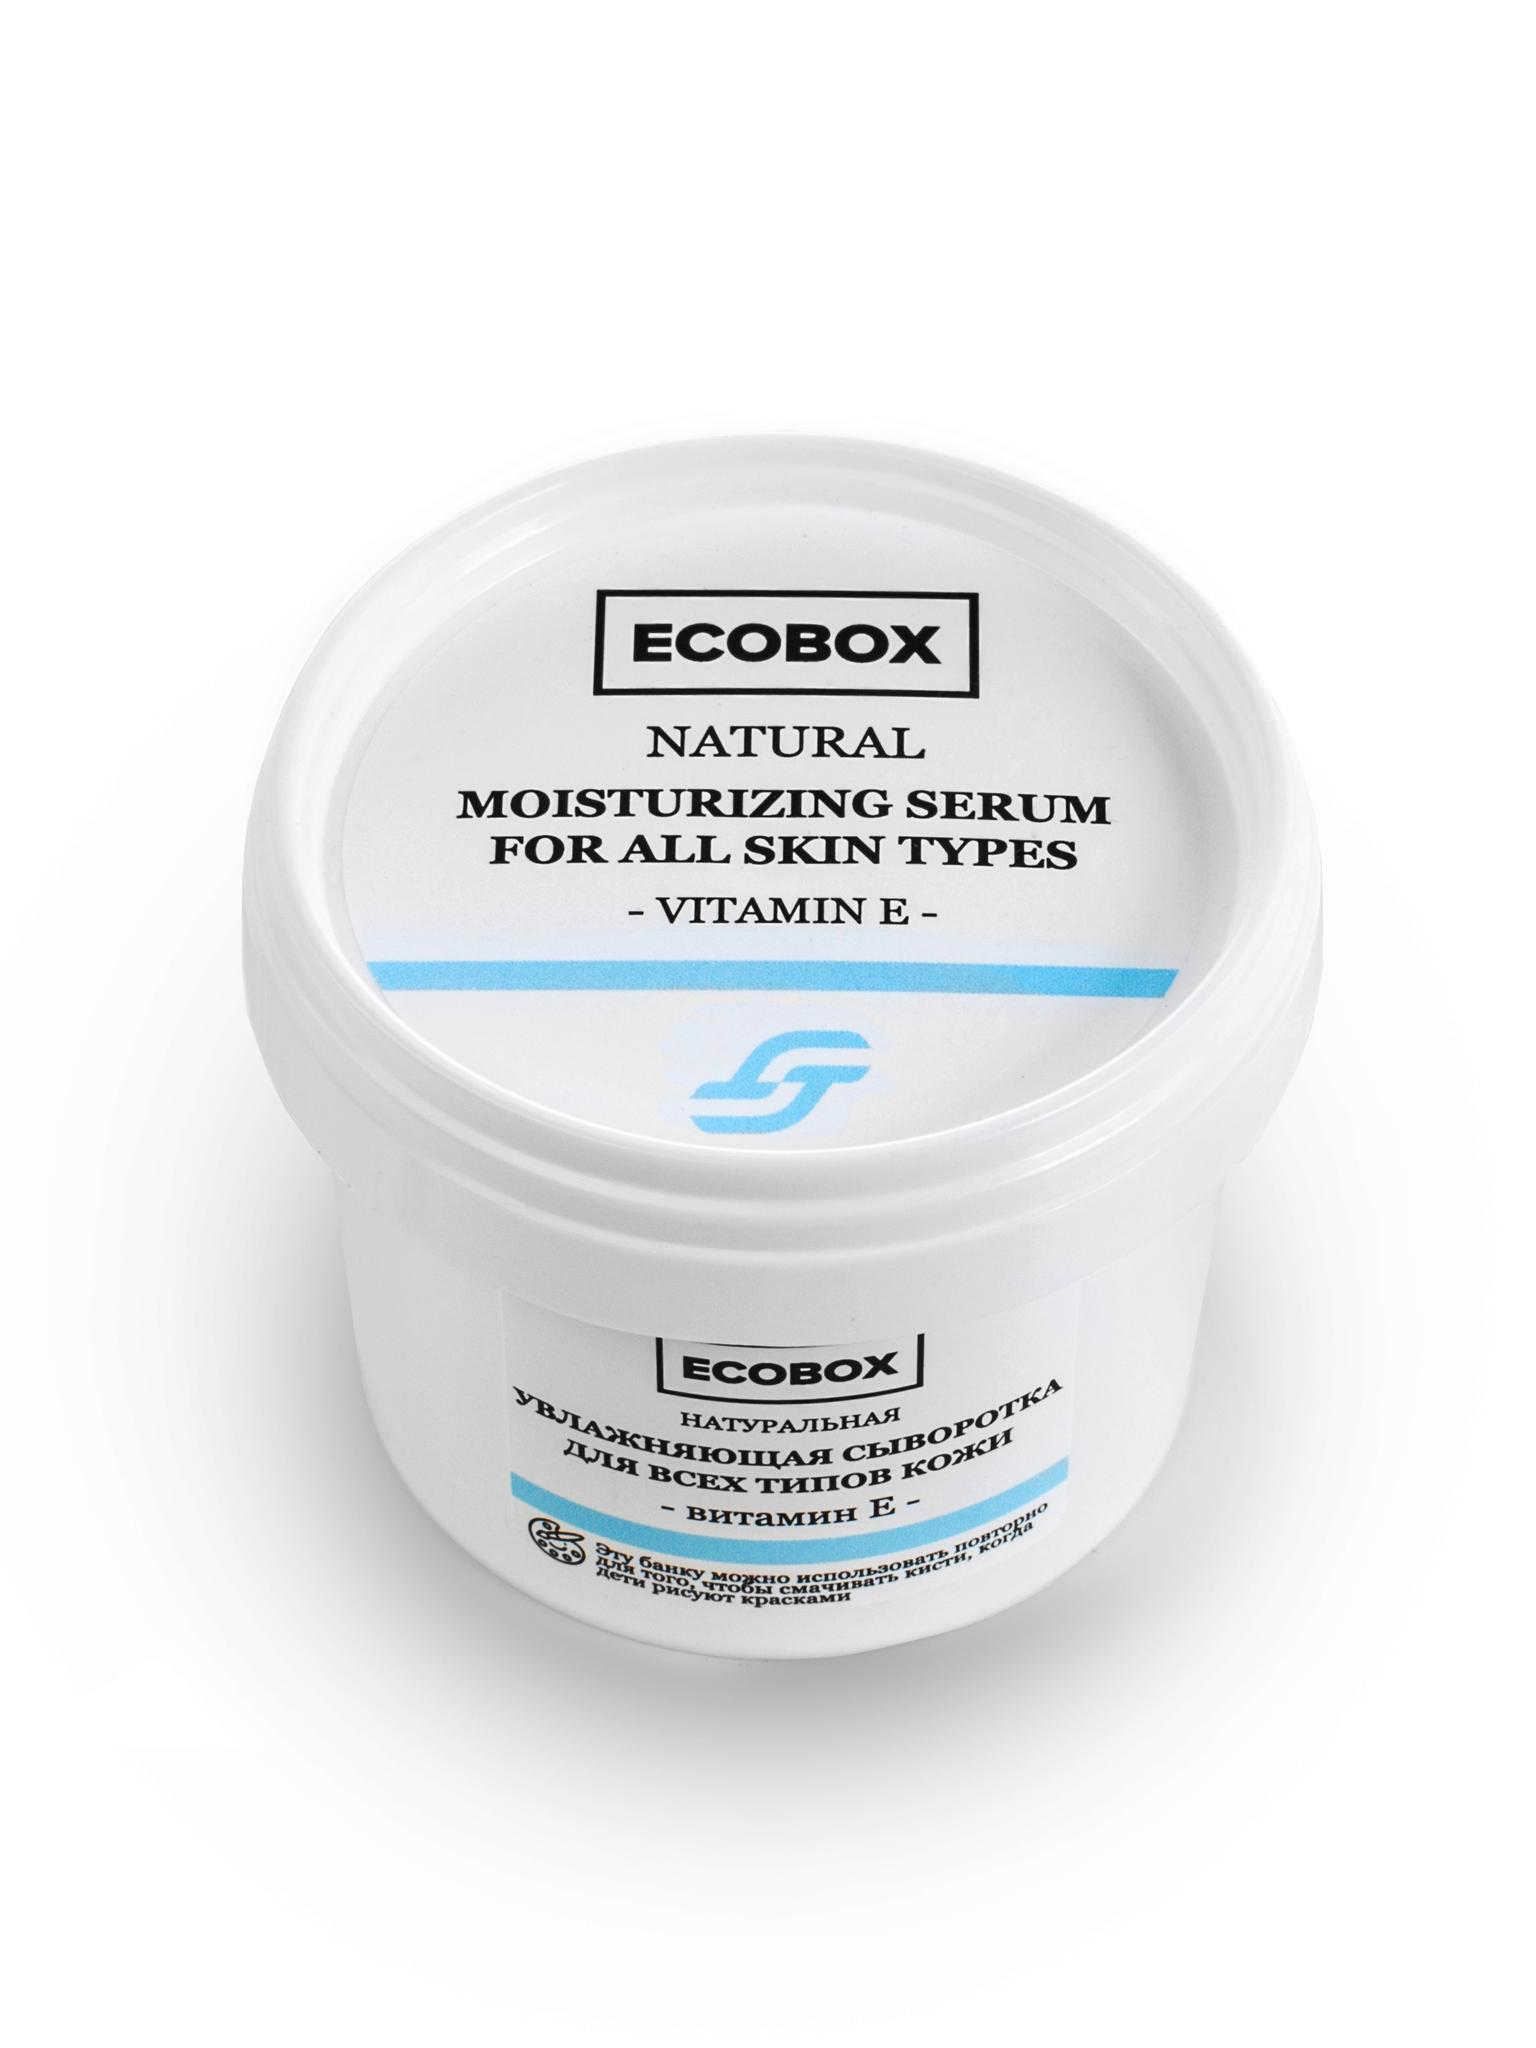 Натуральная увлажняющая сыворотка для всех типов кожи Витамин E ECOBOX